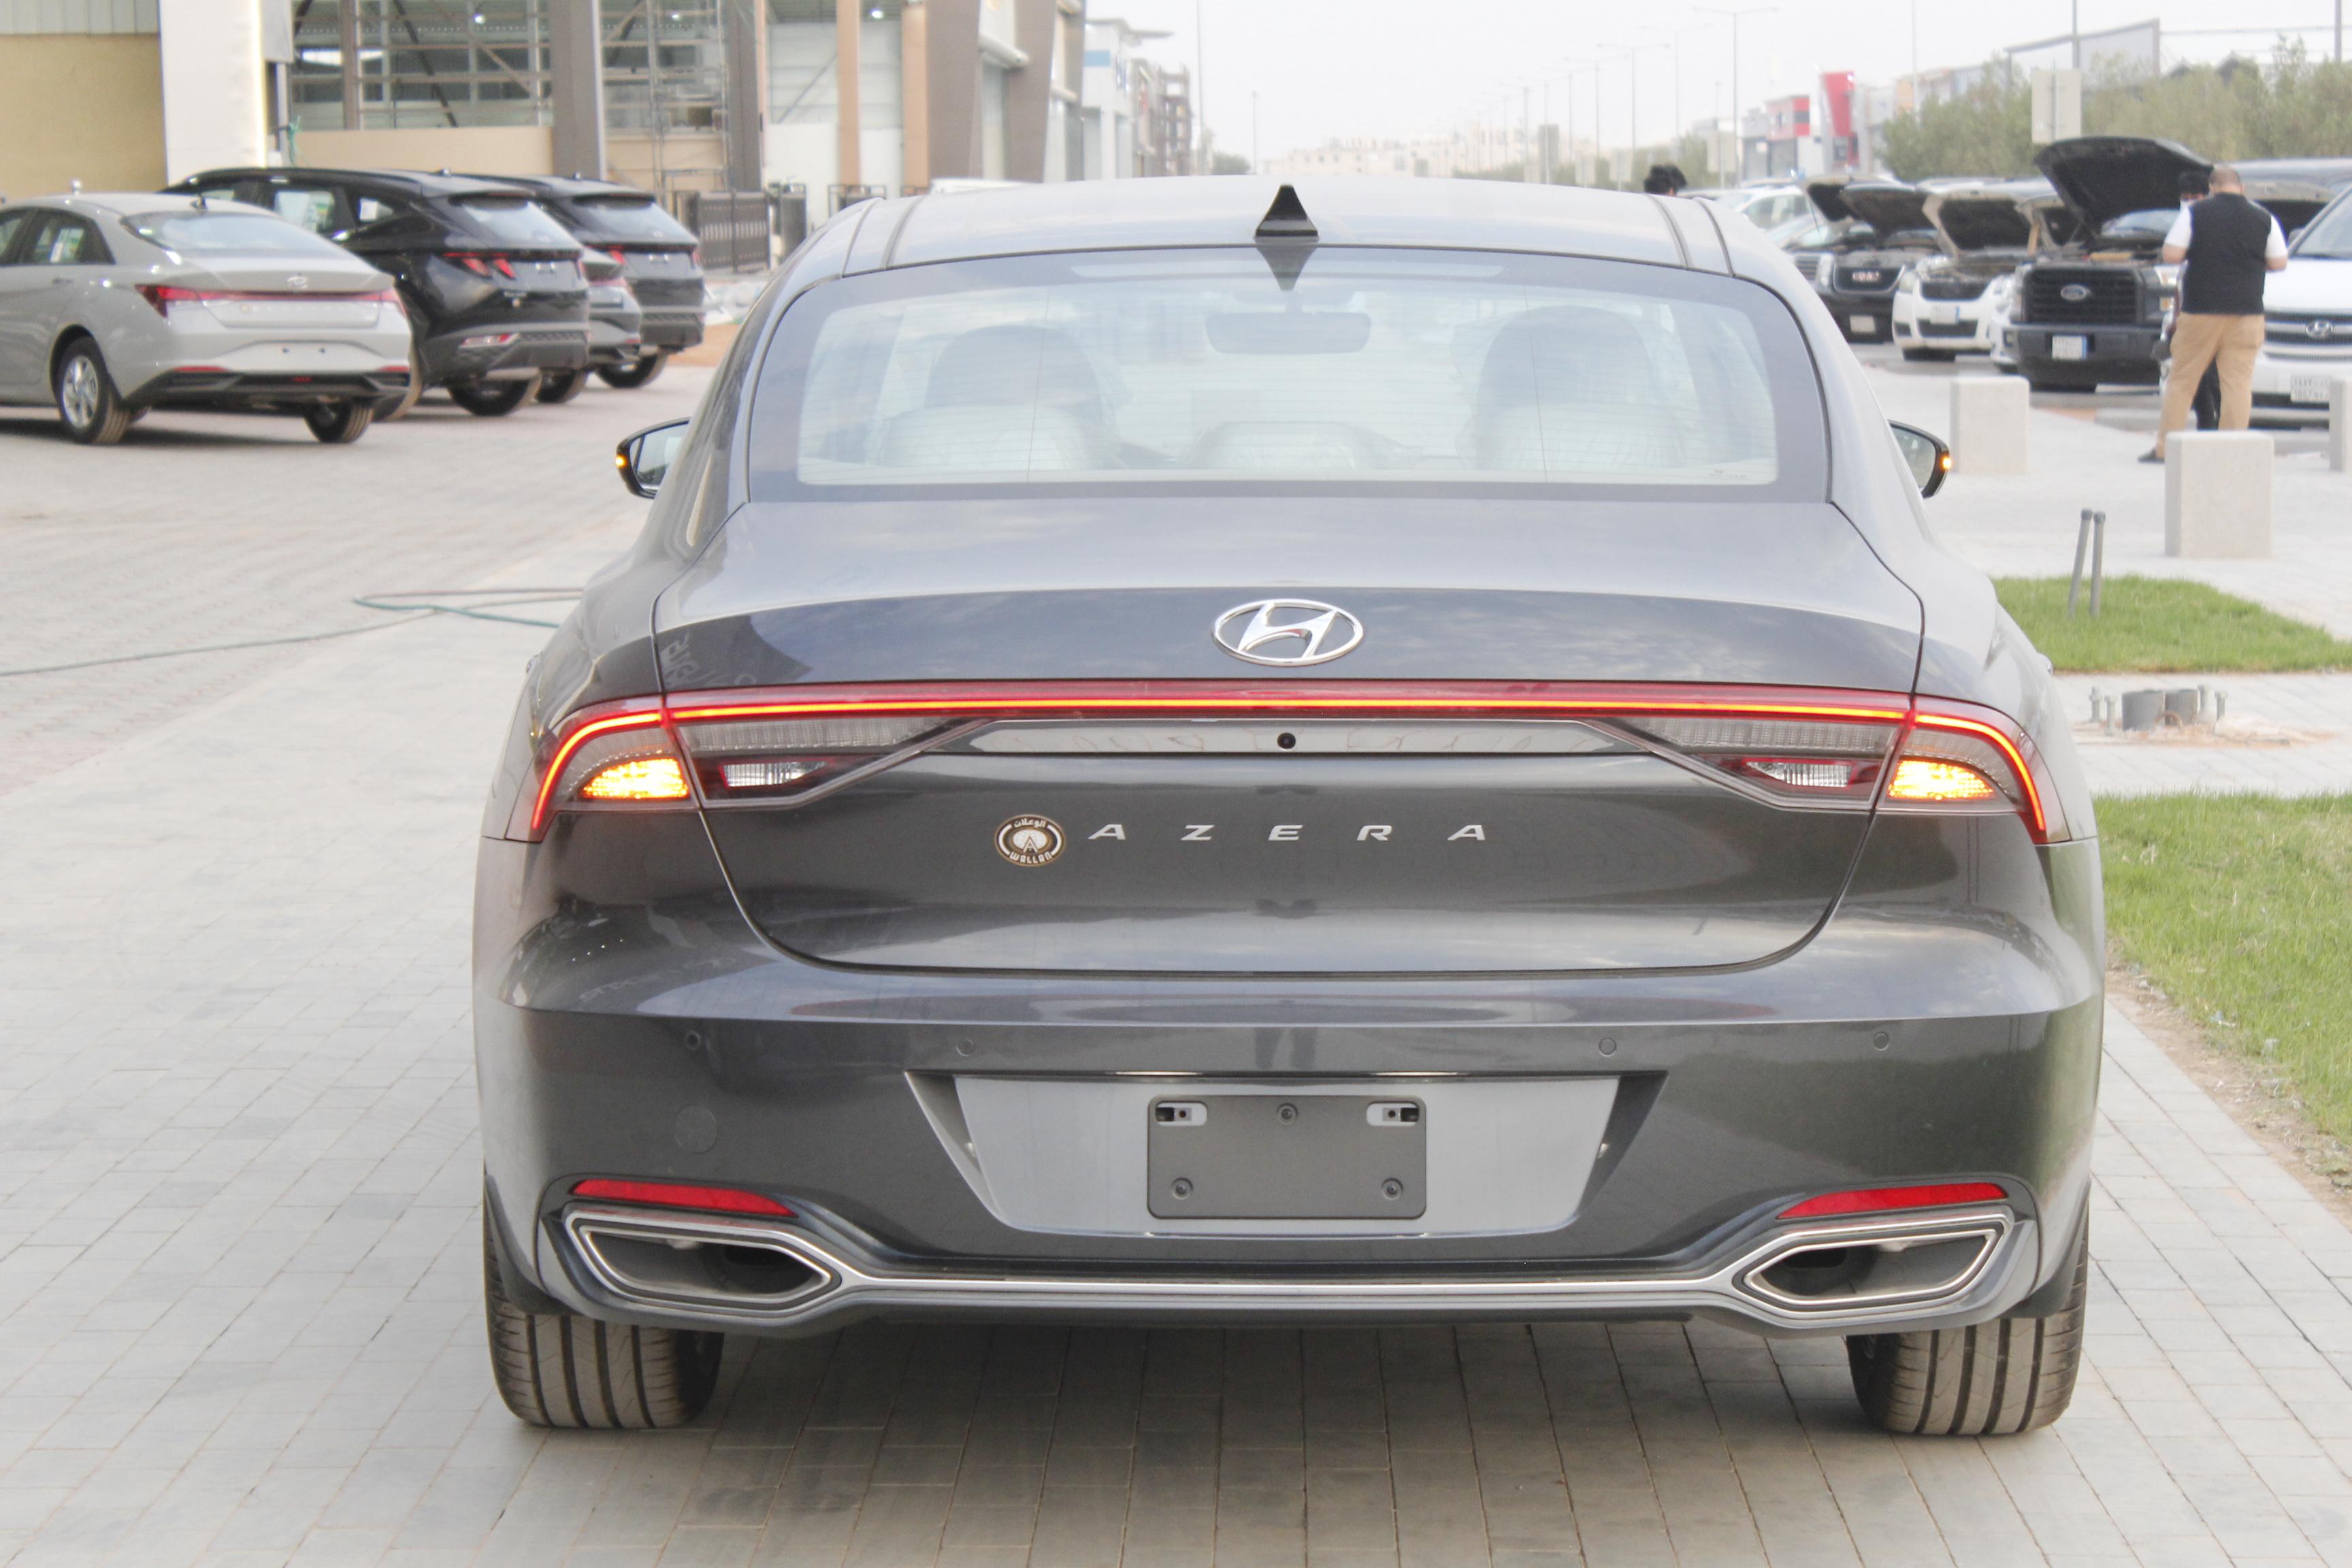 مباع - هونداي  ازيرا  Smart  2022 سعودي 6 سلندر للبيع في الرياض - السعودية - صورة كبيرة - 7